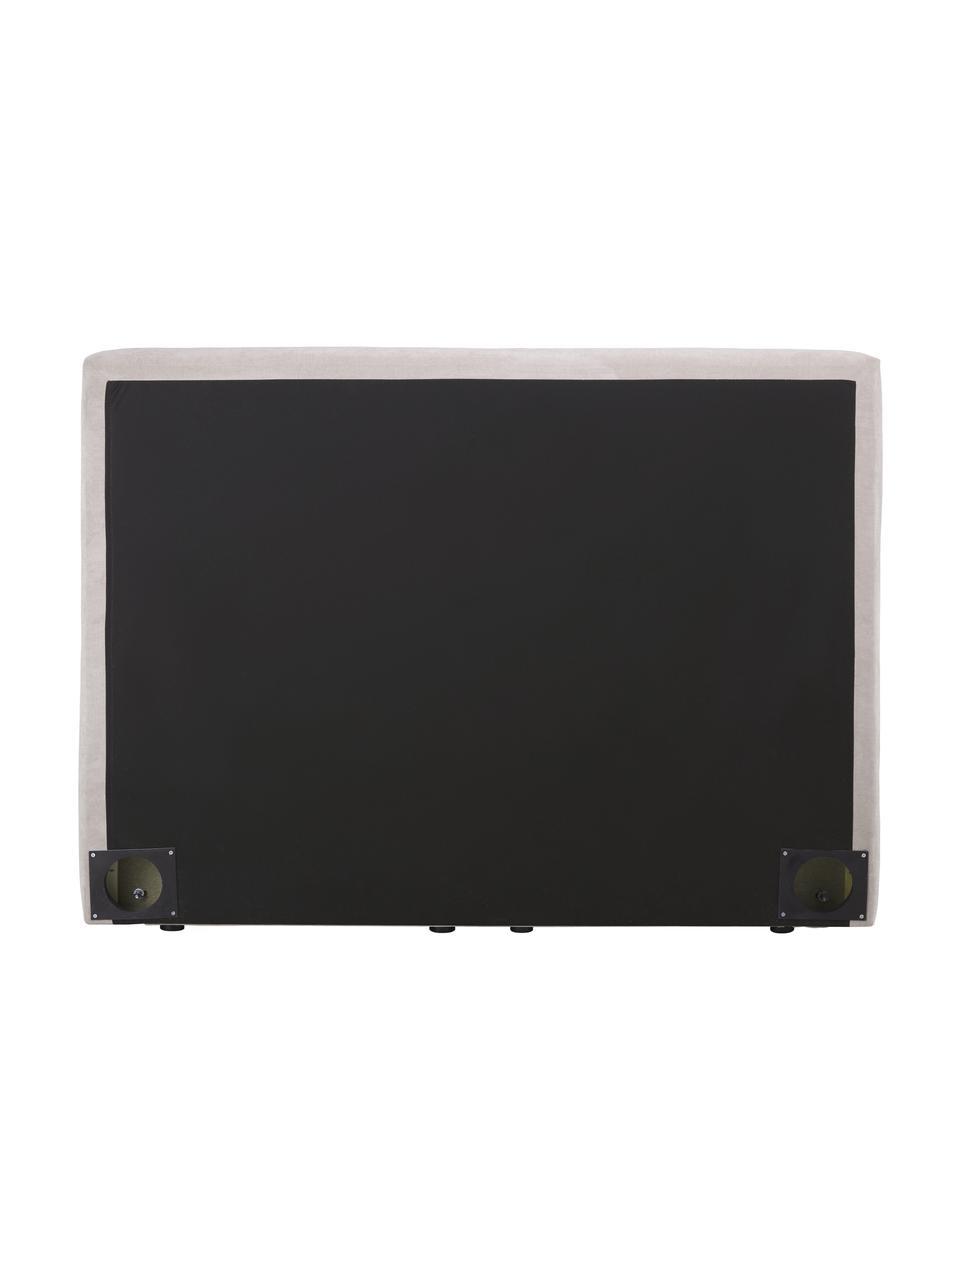 Boxspringbett Oberon in dunklem Beige, Matratze: 5-Zonen-Taschenfederkern, Füße: Kunststoff, Webstoff Dunkles Beige, 200 x 200 cm